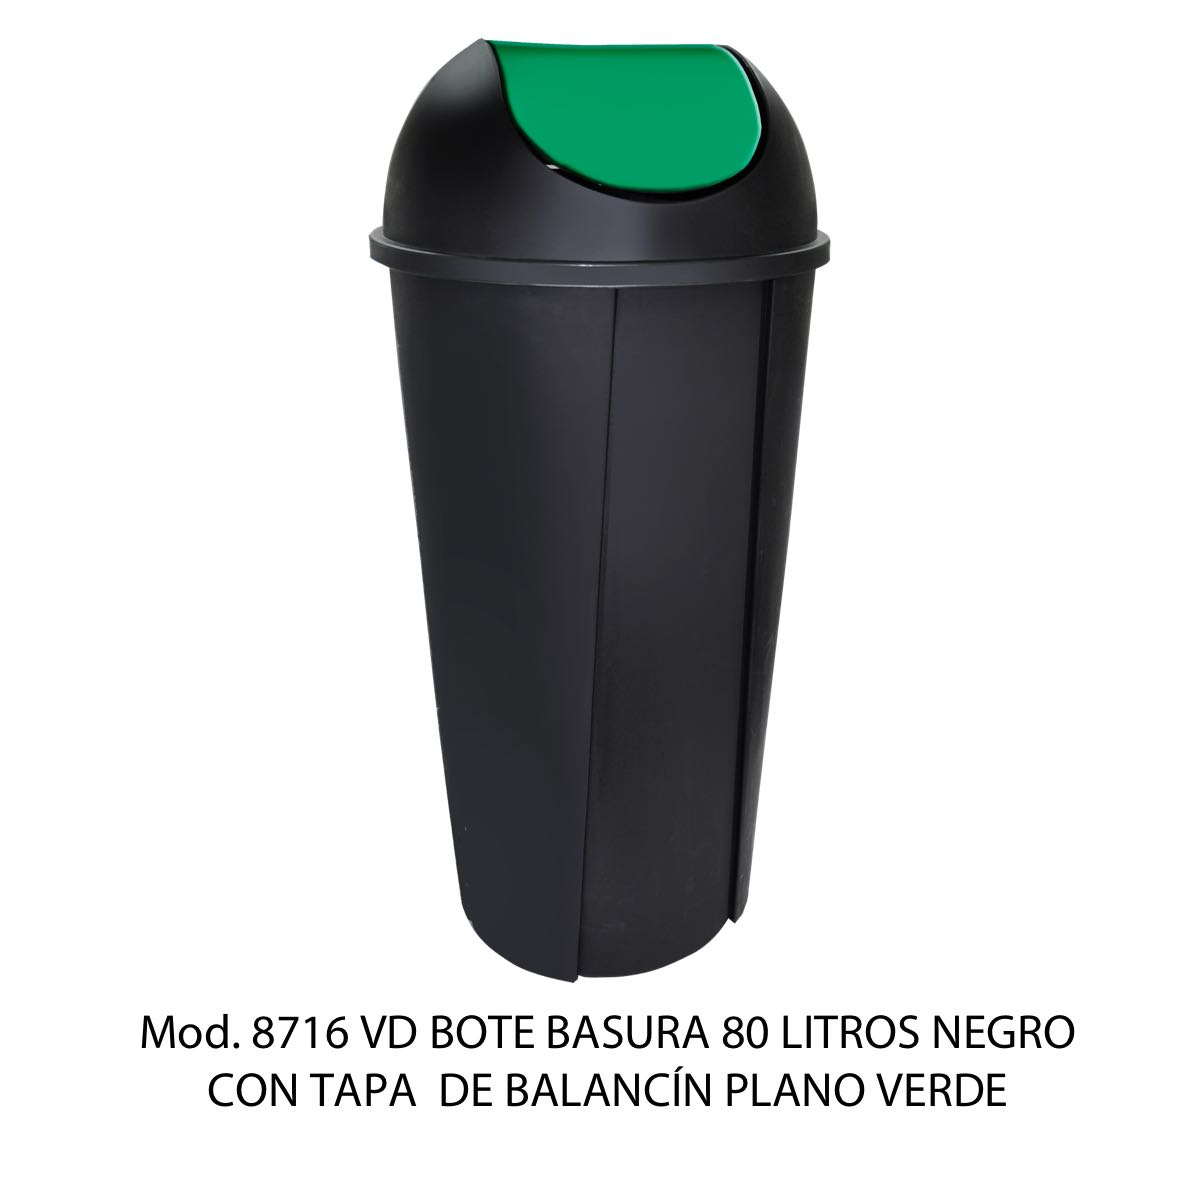 Bote de basura redondo negro de 80 litros con tapa verde tipo balancín liso modelo 8716 VD Sablón